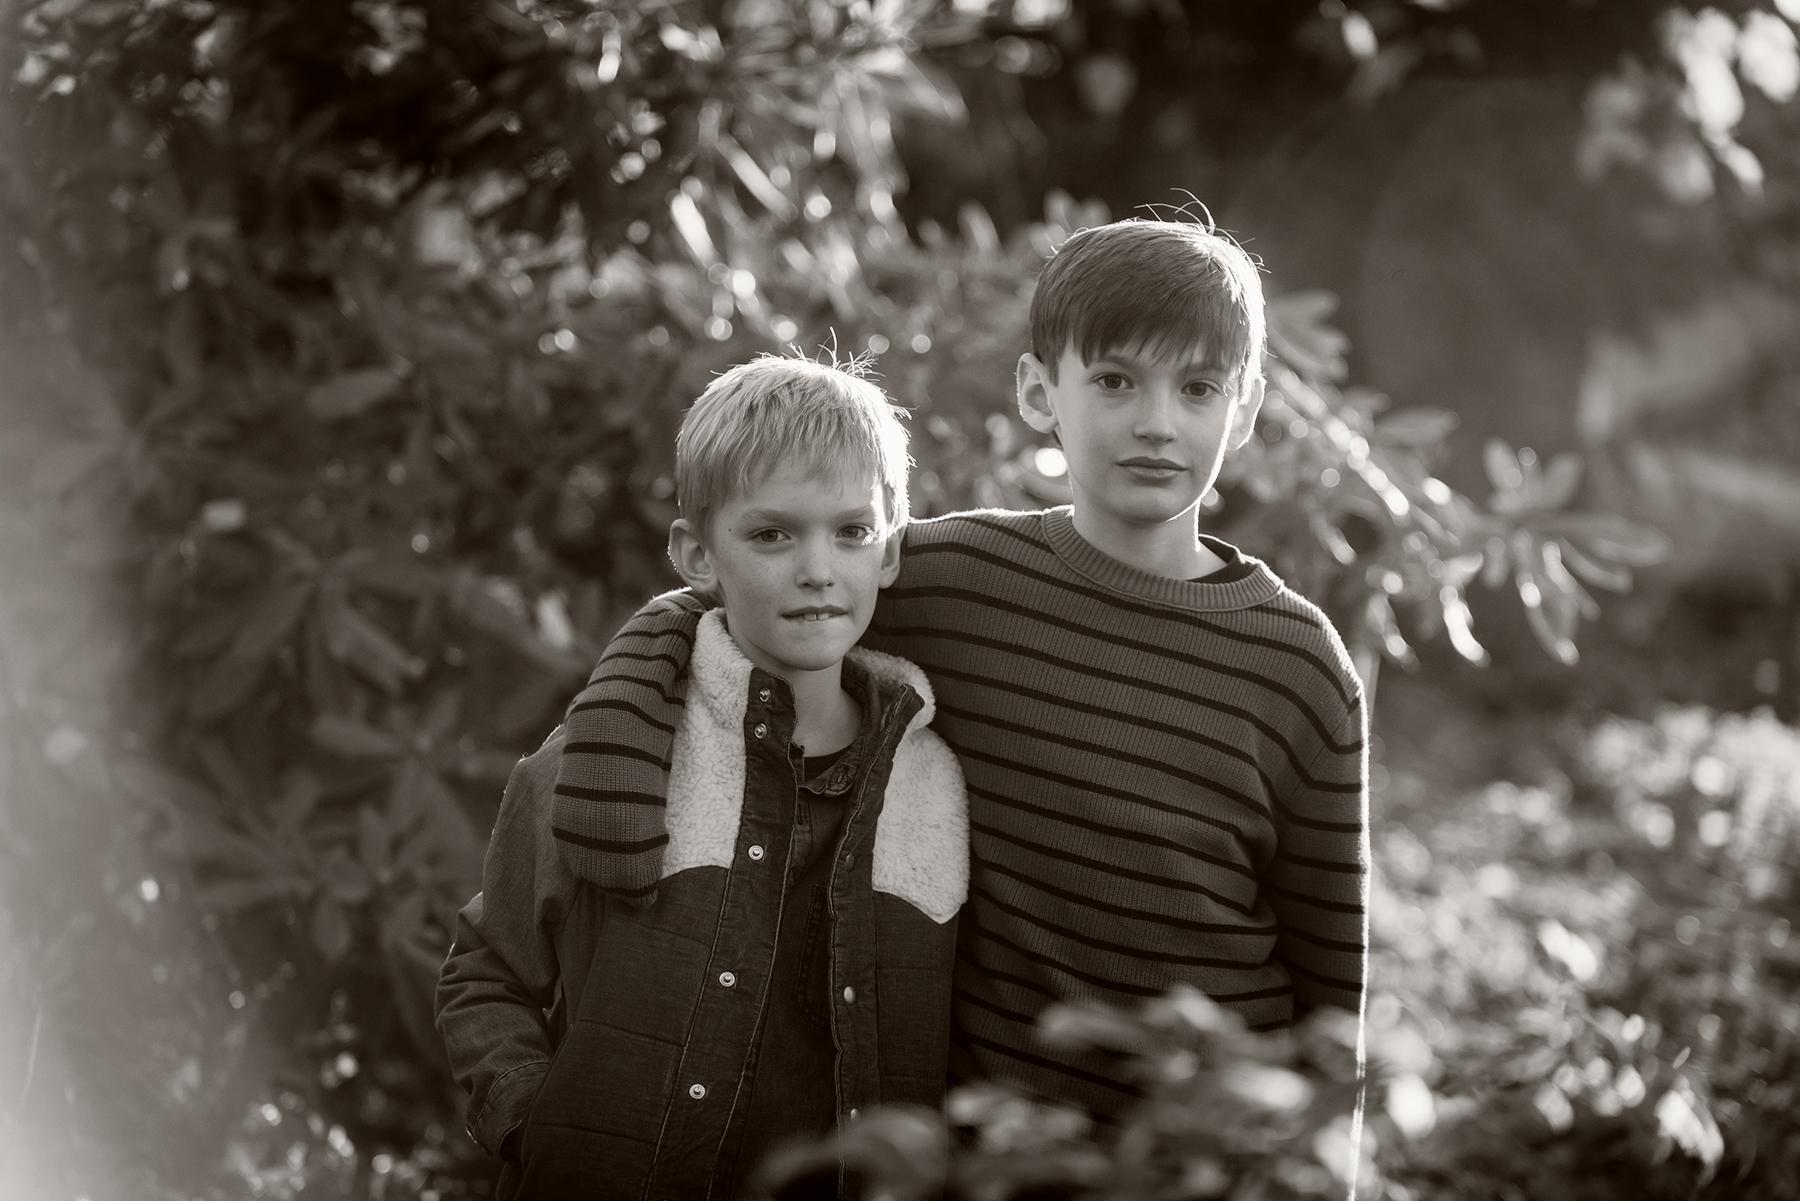 Boys_2.jpg